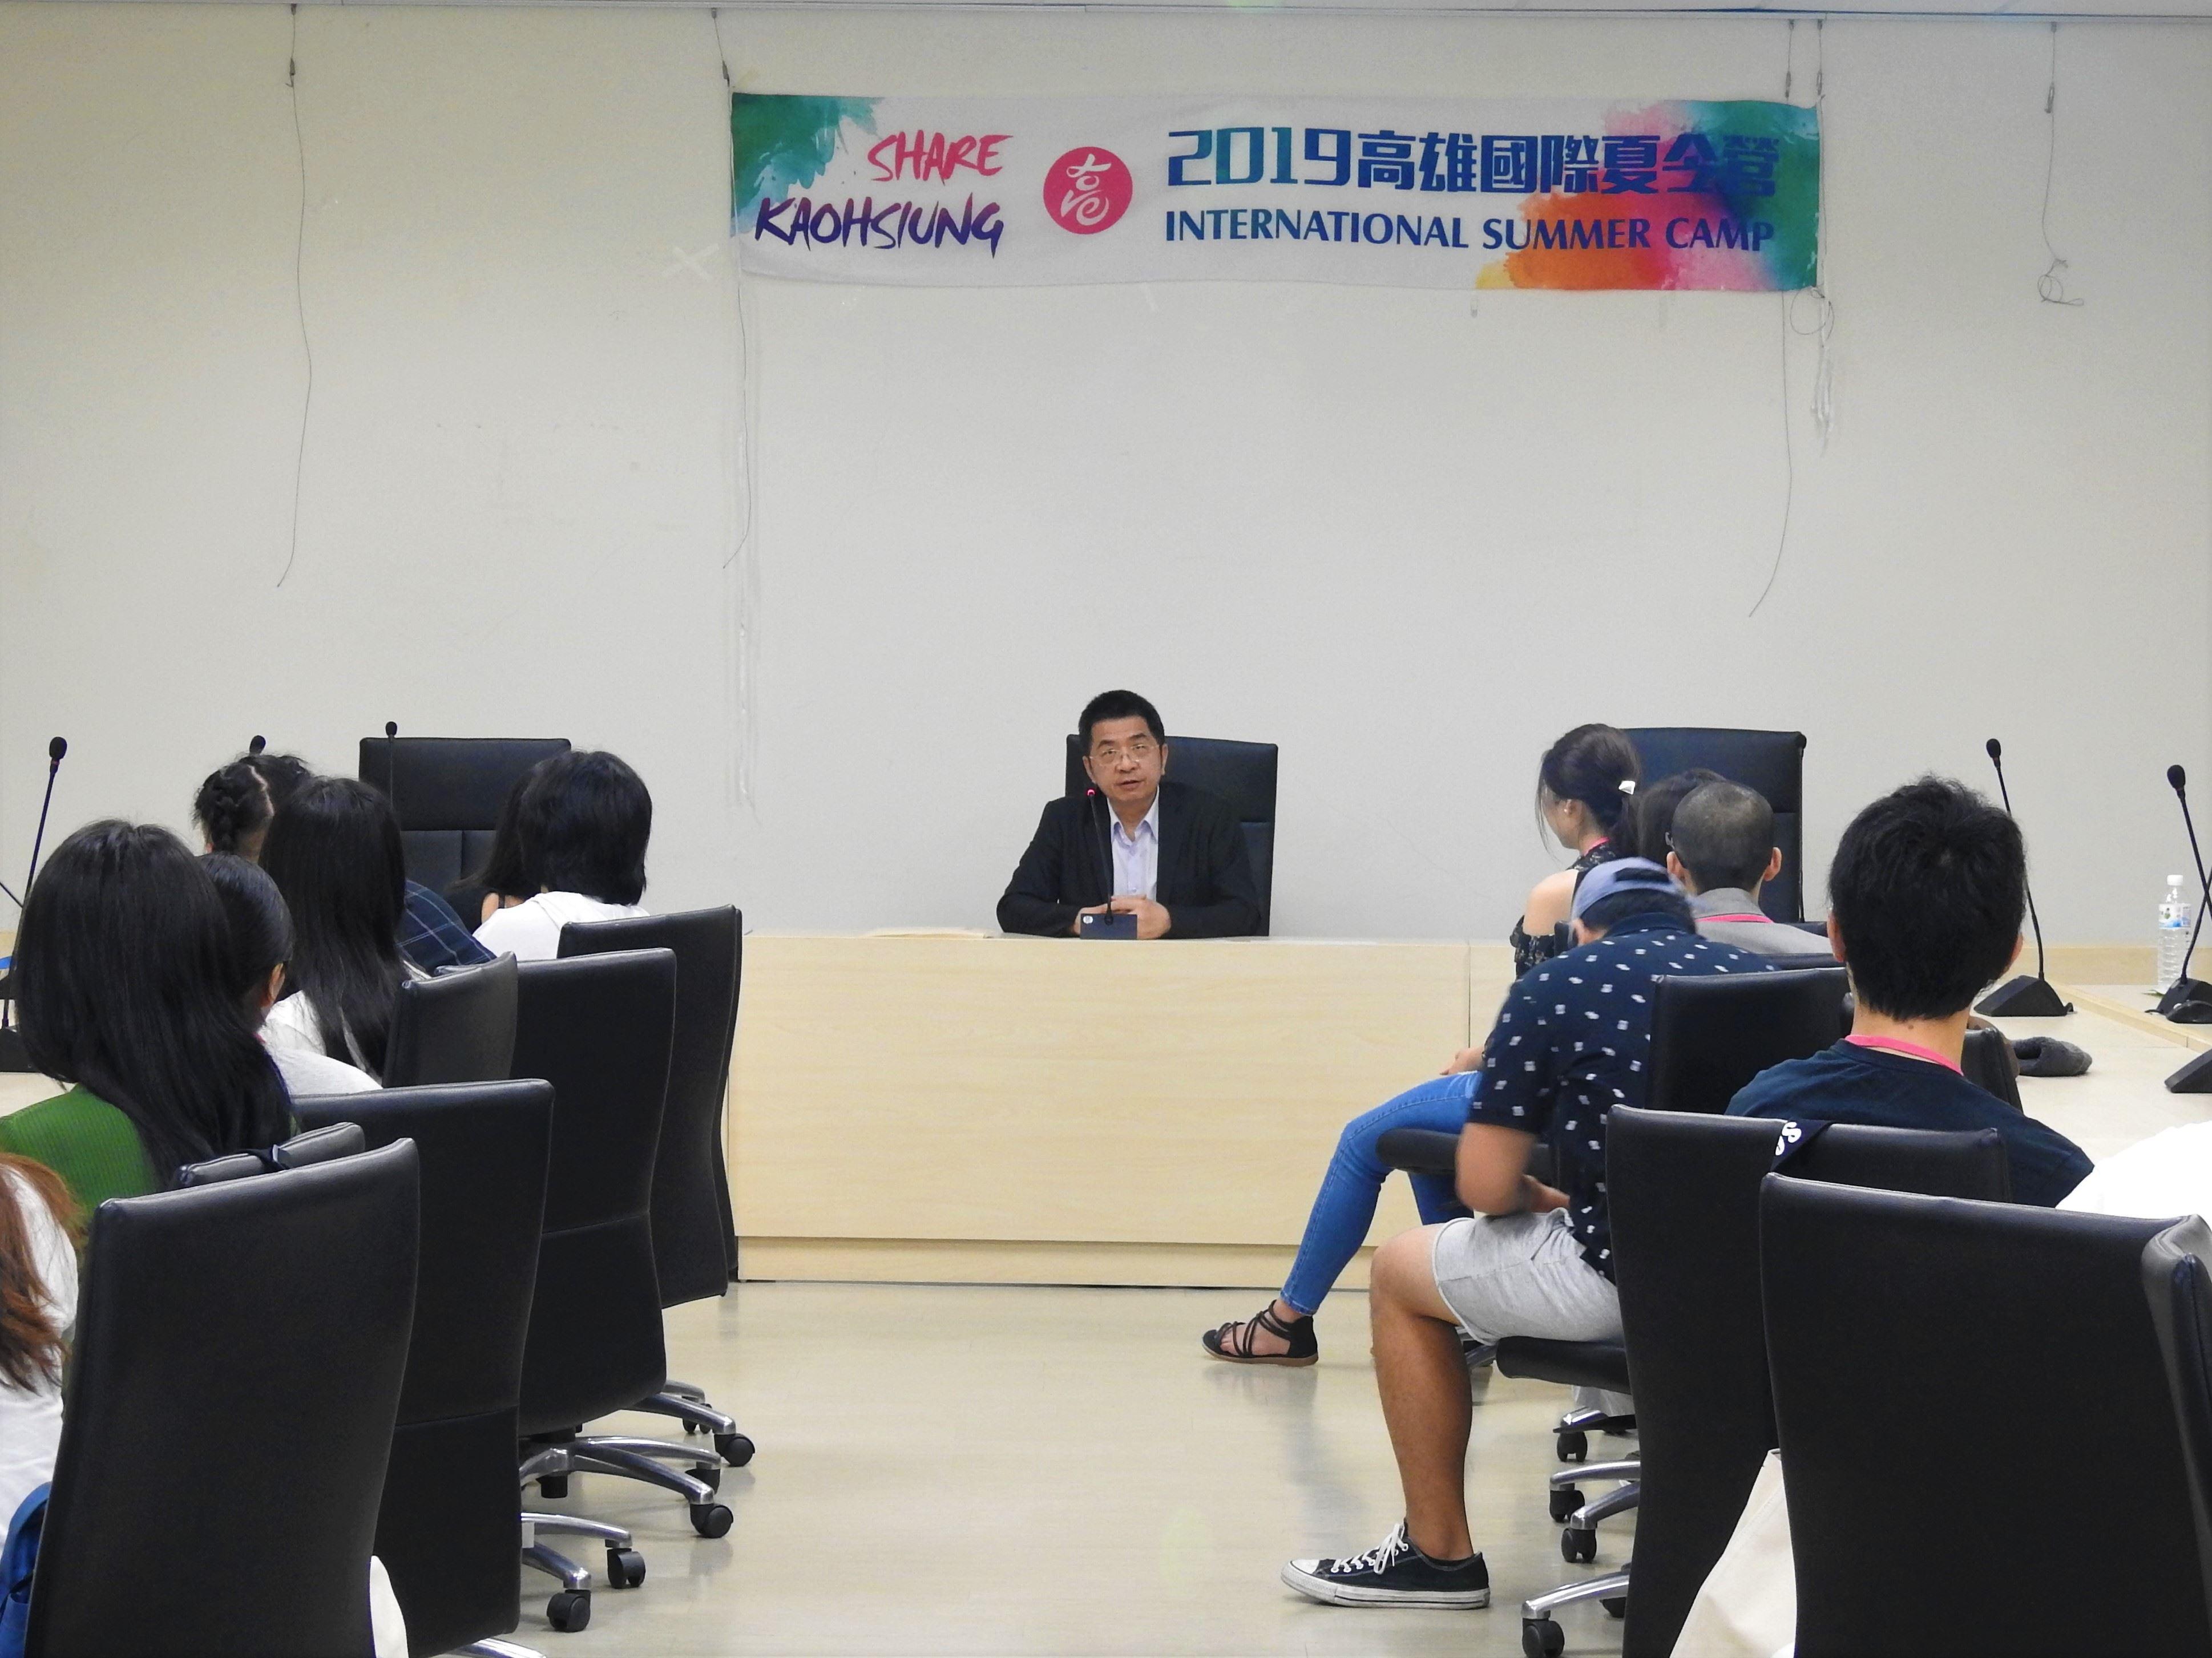 20190813高雄國際夏令營照片1.jpg